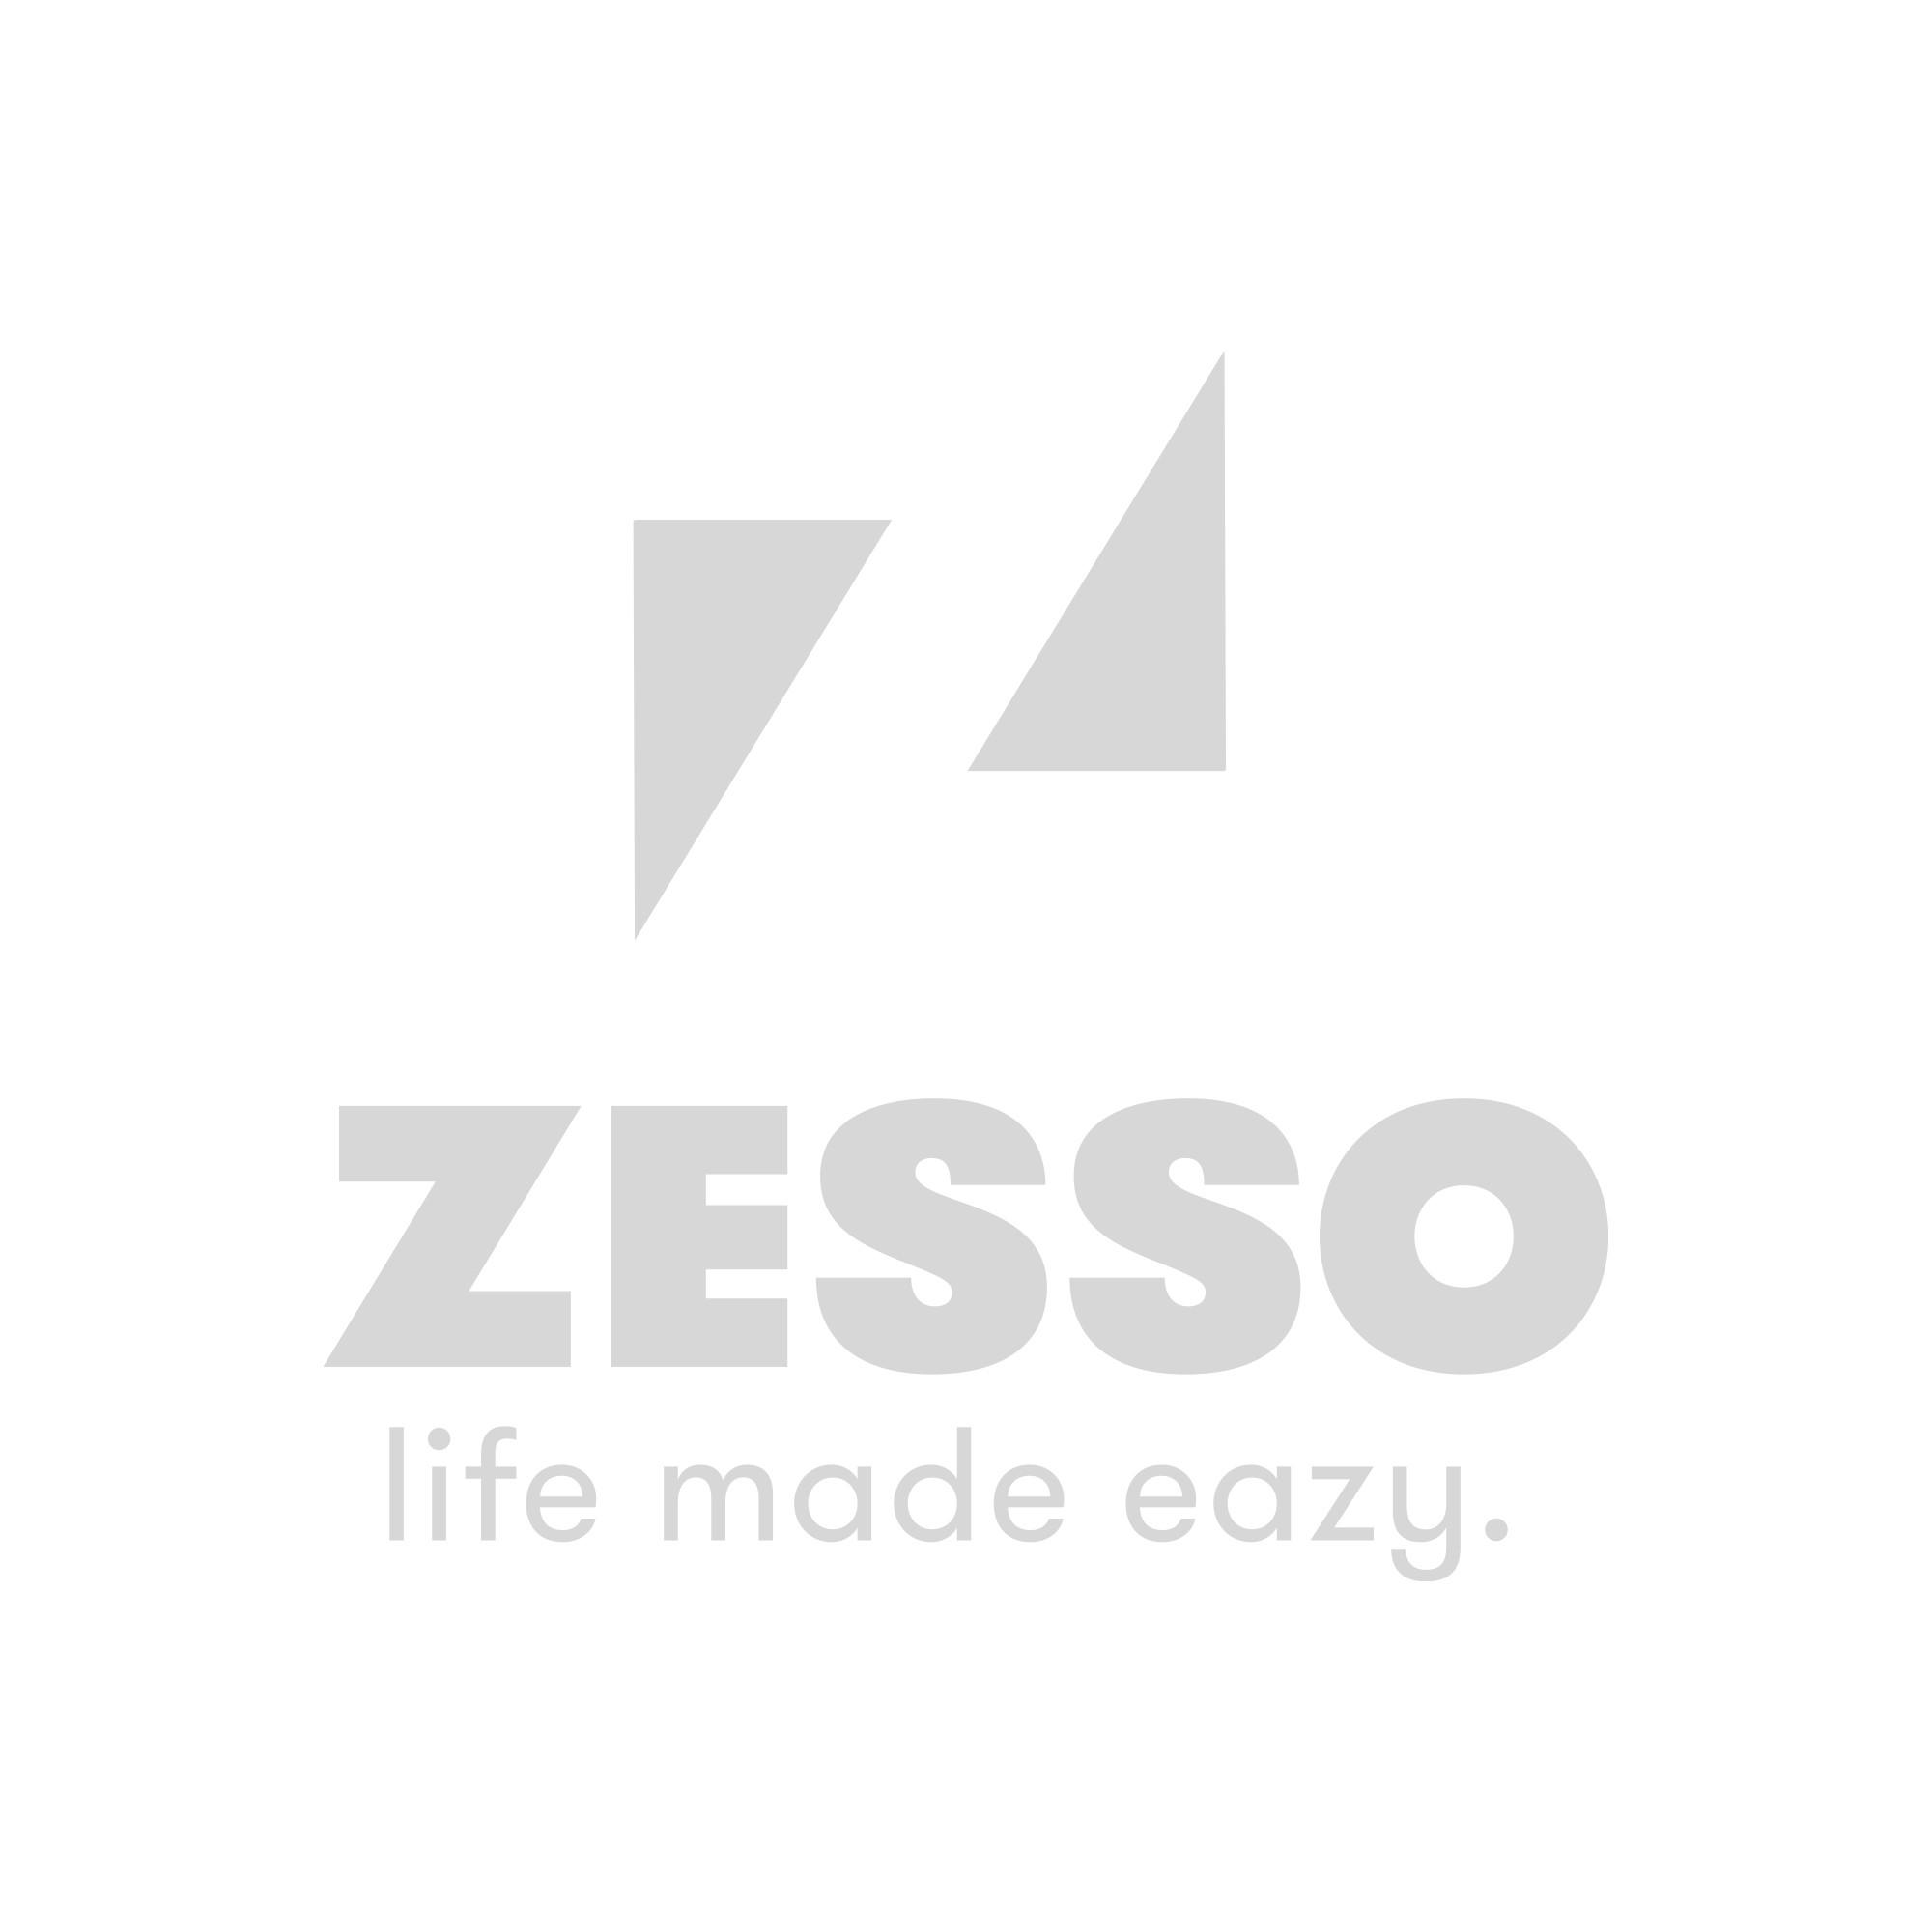 Bobux Chaussures Bébé Soft Soles Caramel Woof - Large